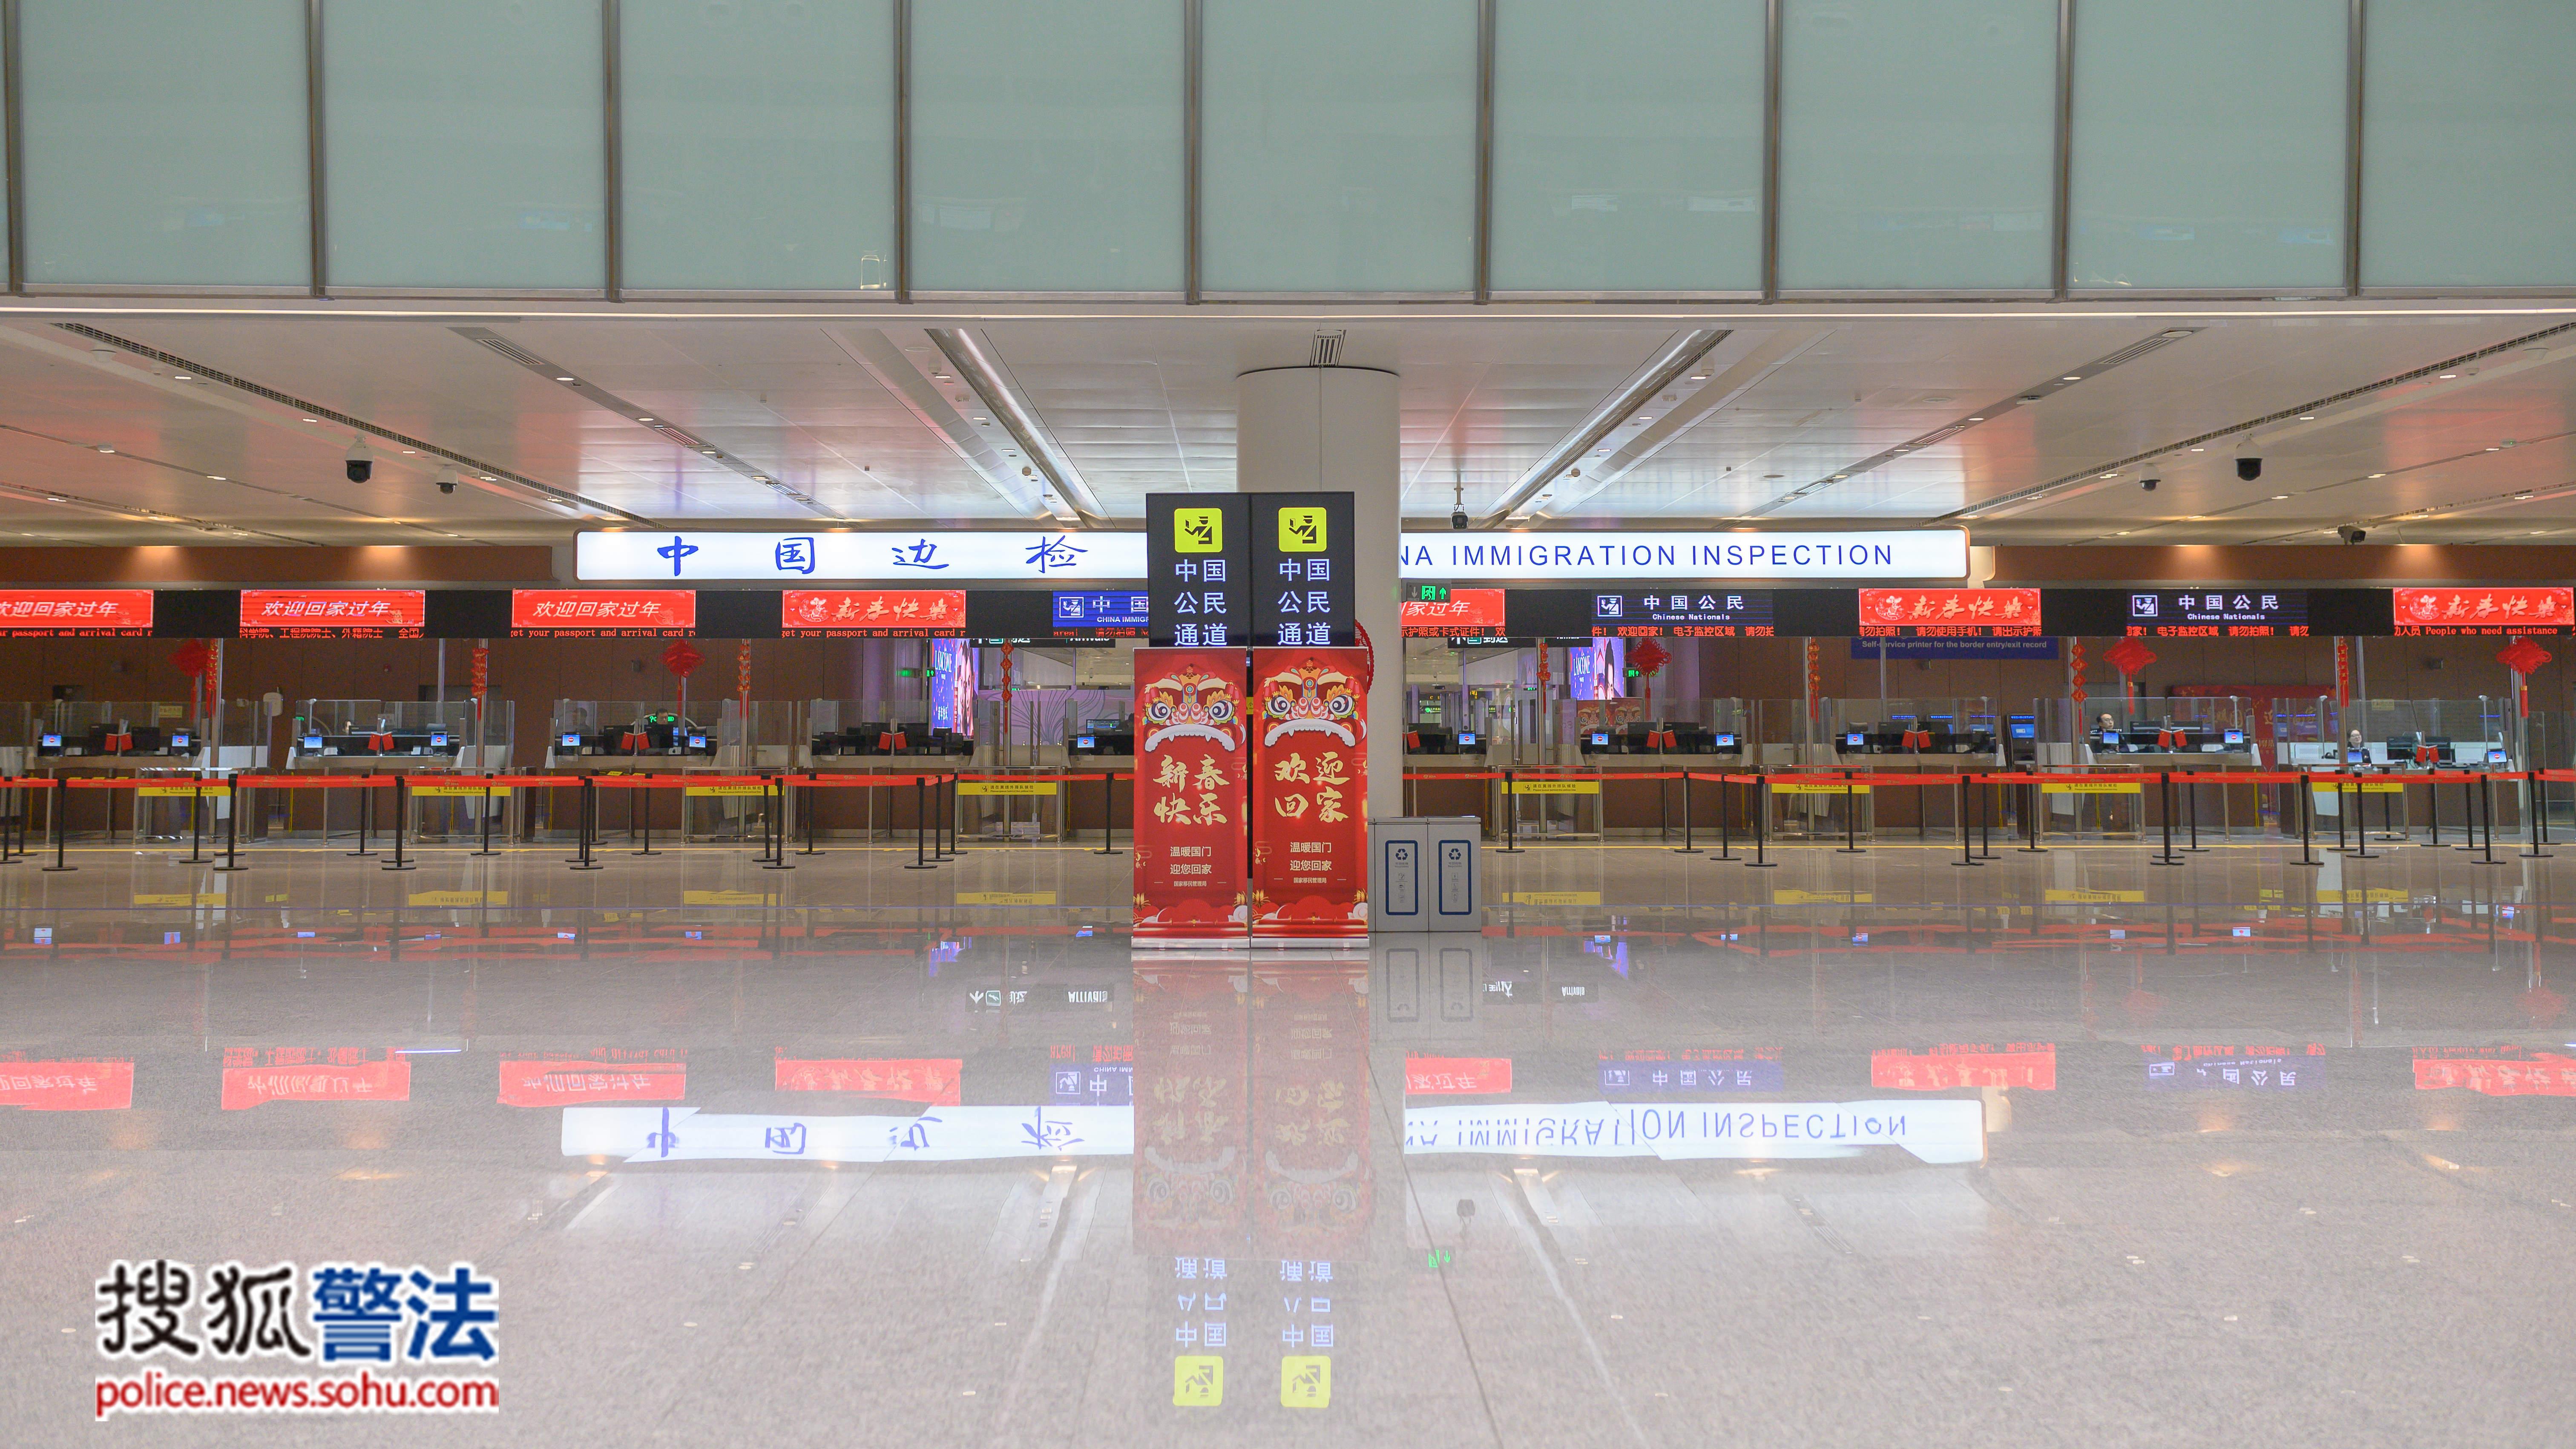 【回家•真好】大兴机场边检在国门迎您回家